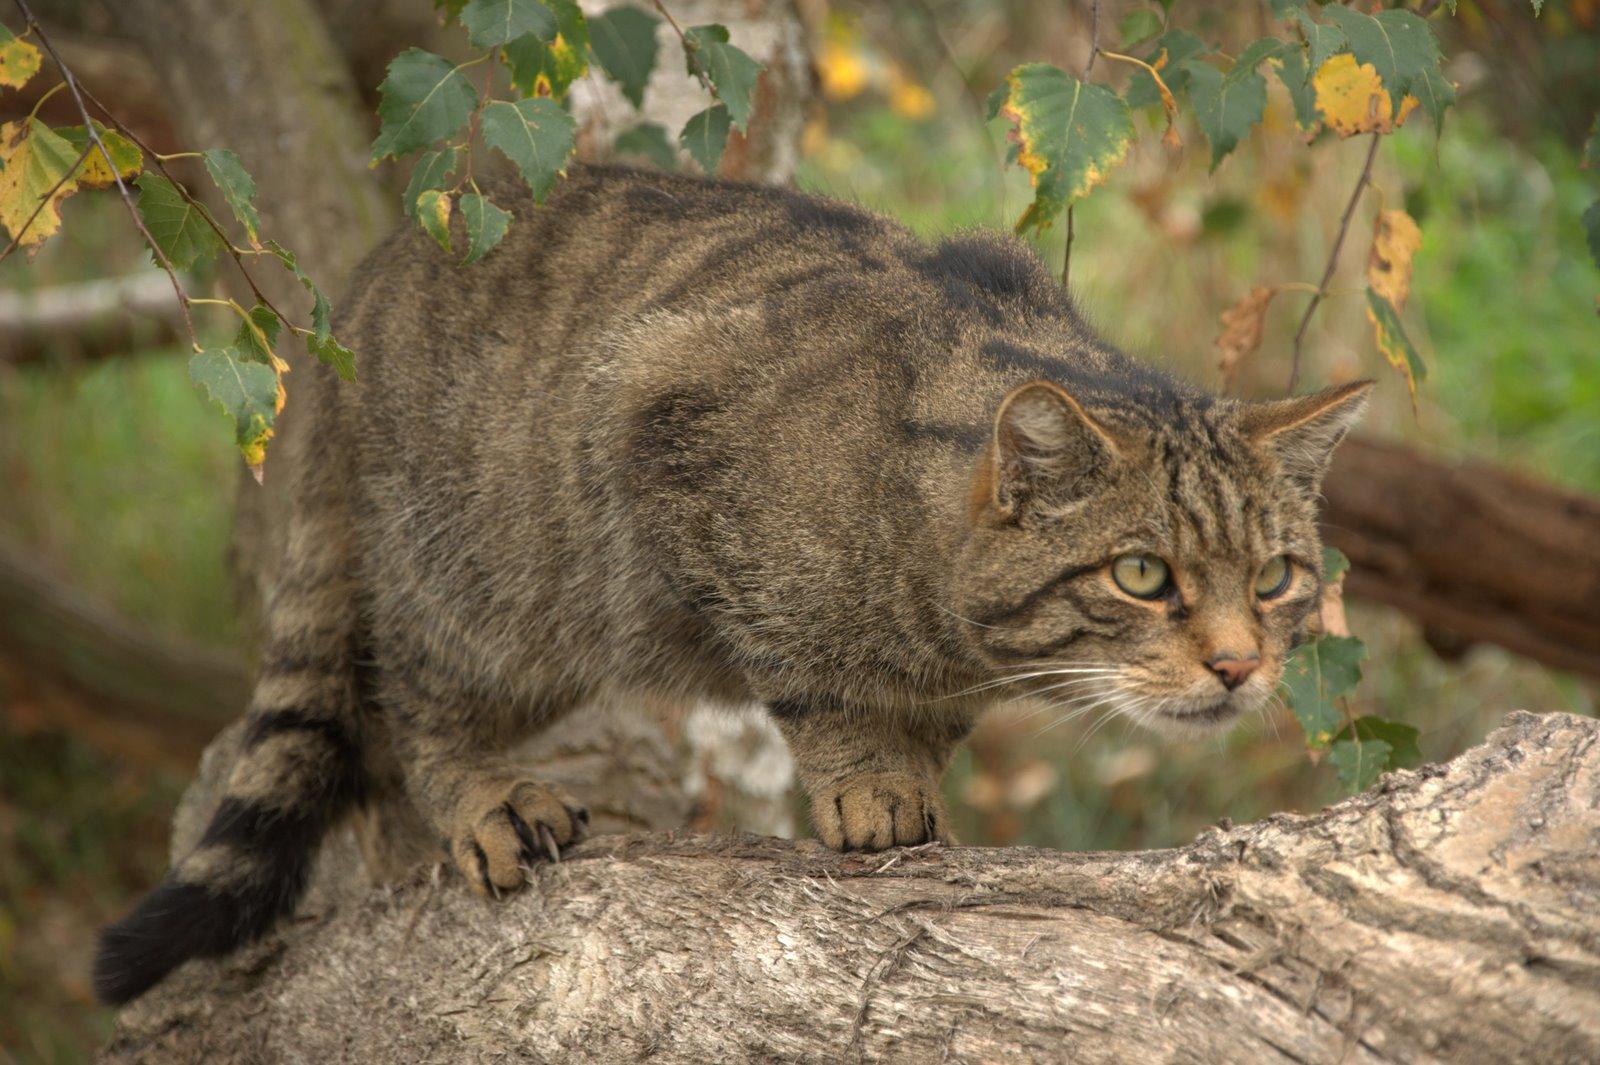 scott big cat pfaff